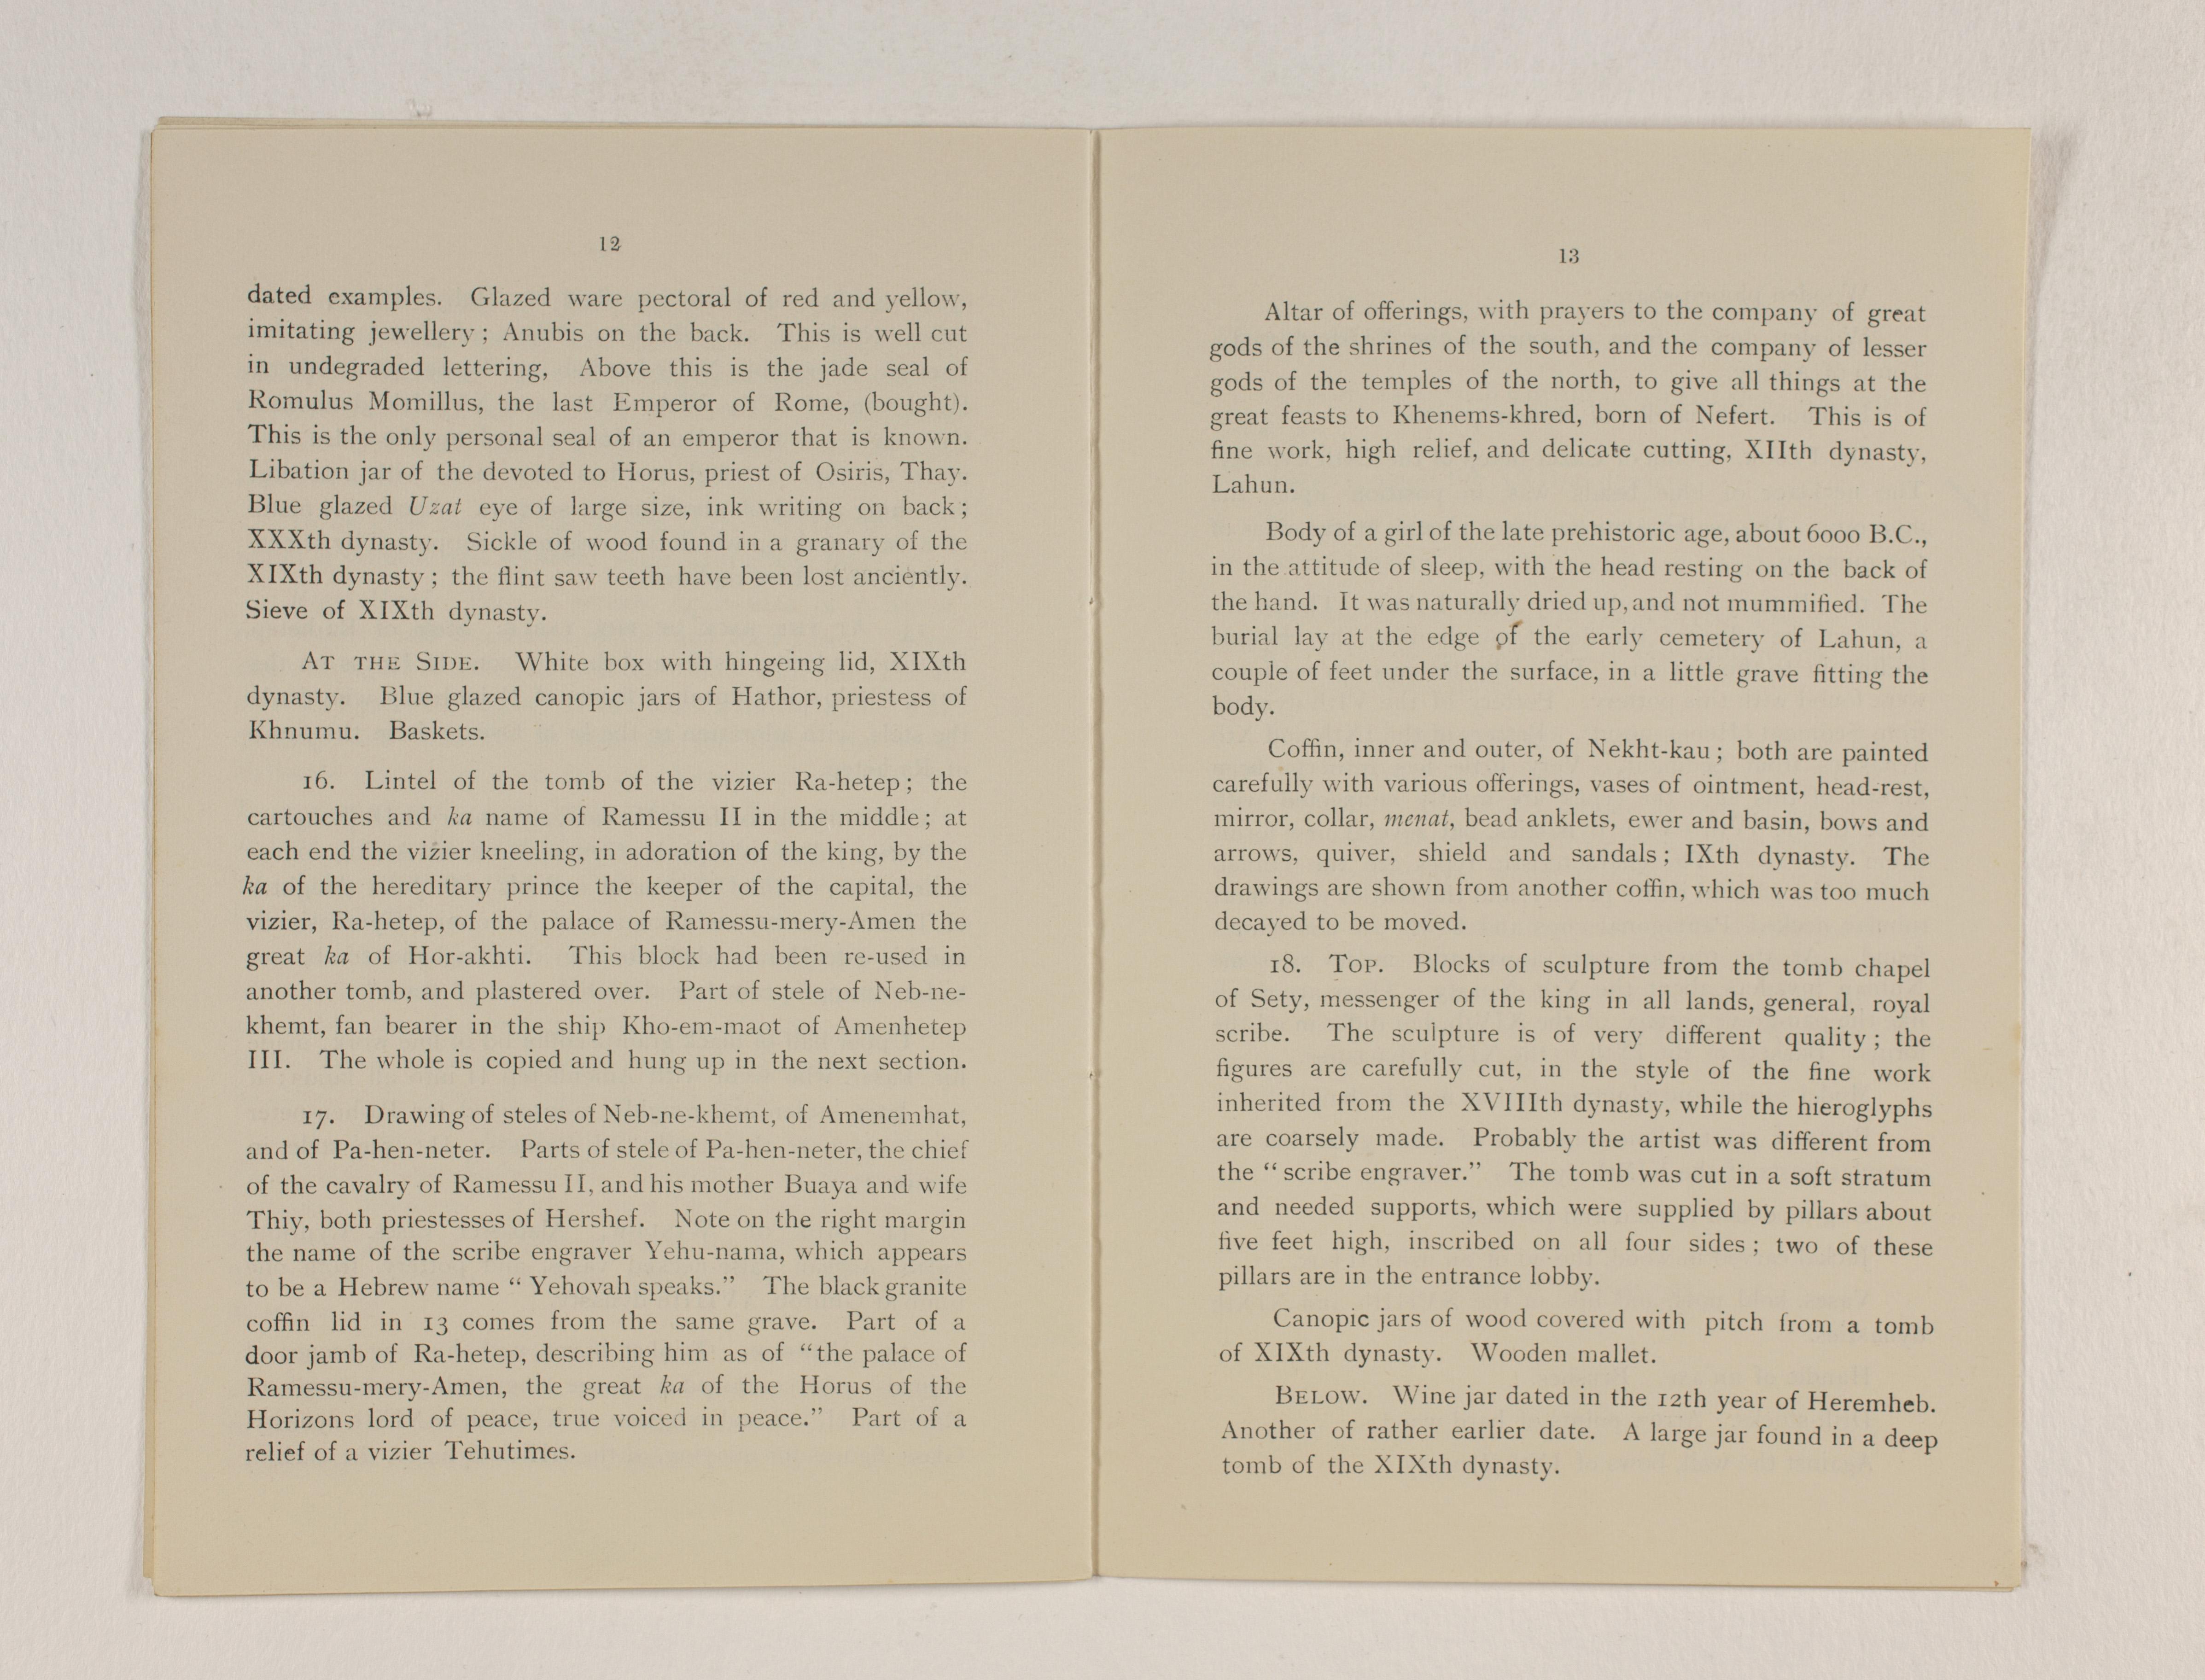 1919-21 Sedment, Lahun Exhibition catalogue PMA/WFP1/D/24/48.6